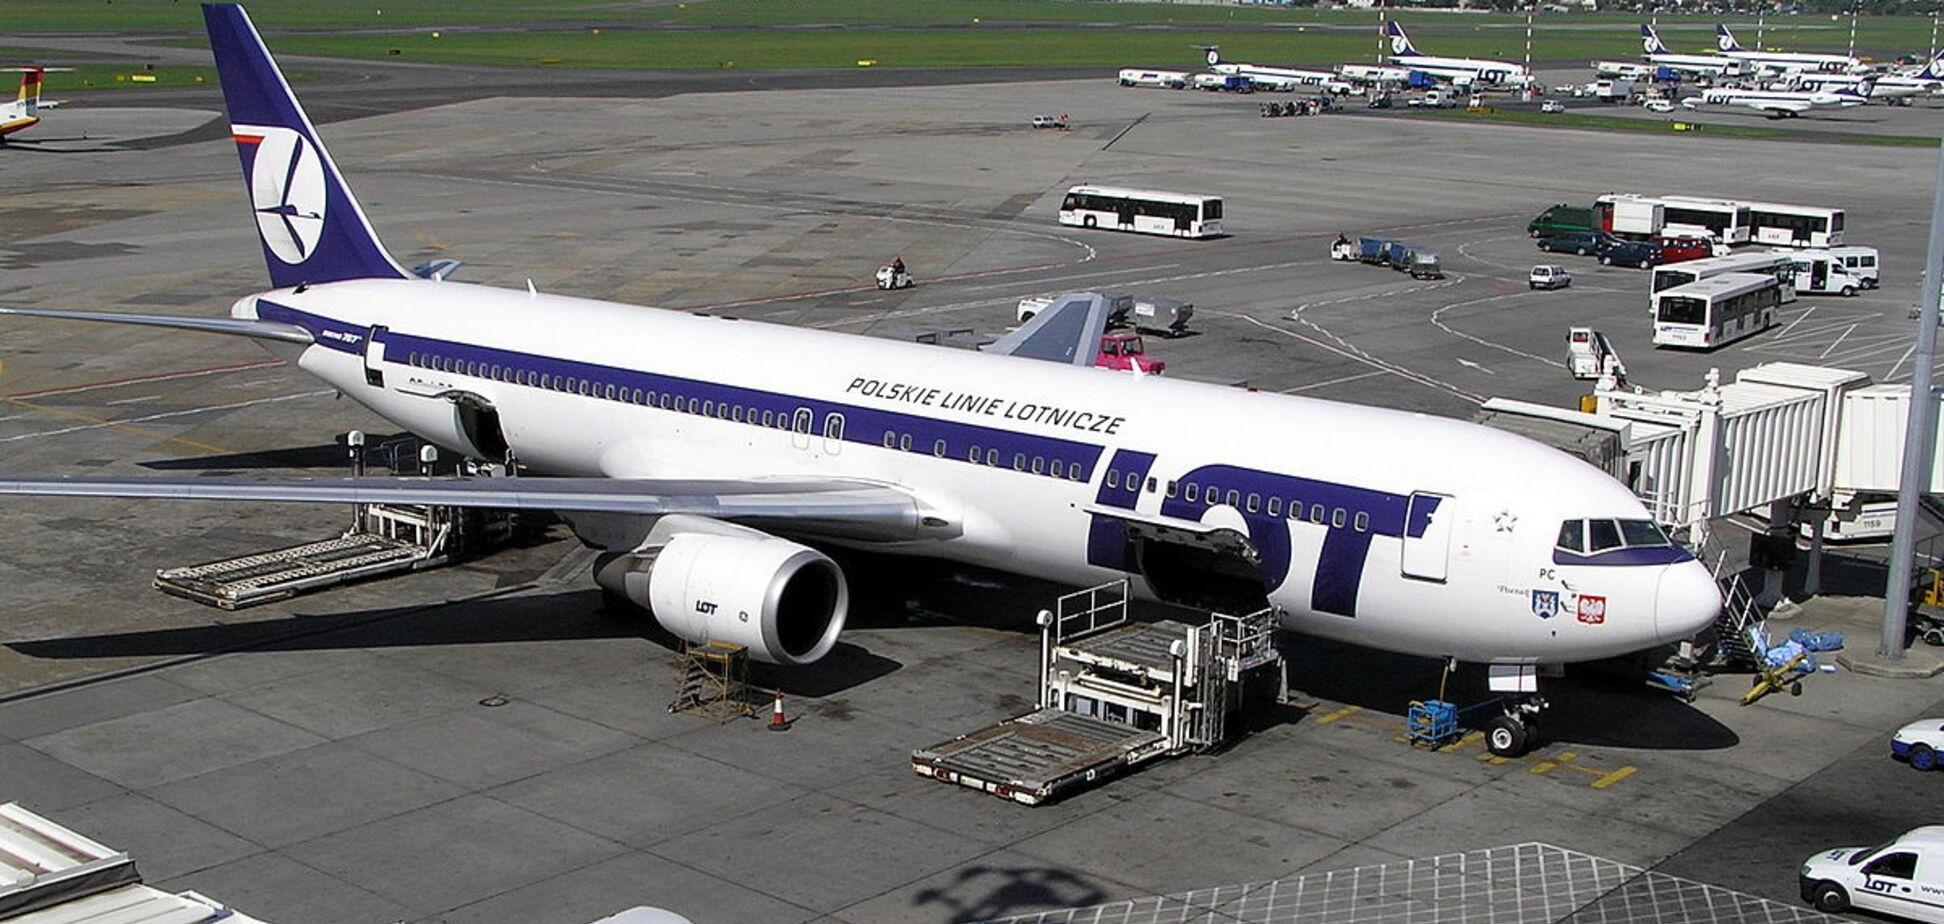 Відома європейська авіакомпанія має намір відкрити нові рейси в Україну: названі напрямки